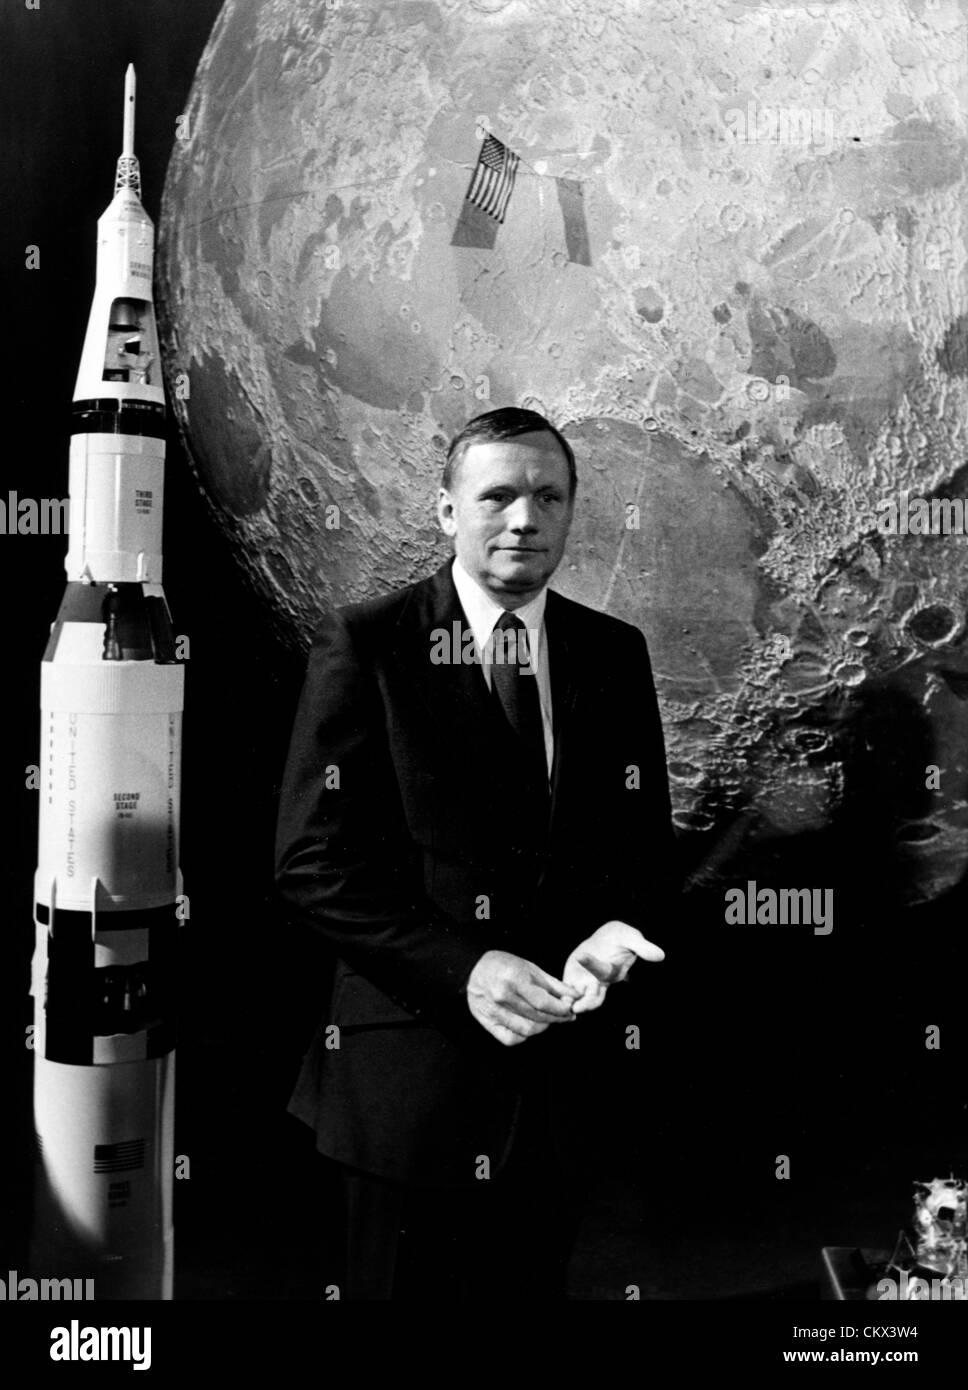 Julio 21, 1979 - París, Francia - El primer hombre en la luna, Neil Armstrong estaba respondiendo a todas las preguntas Foto de stock